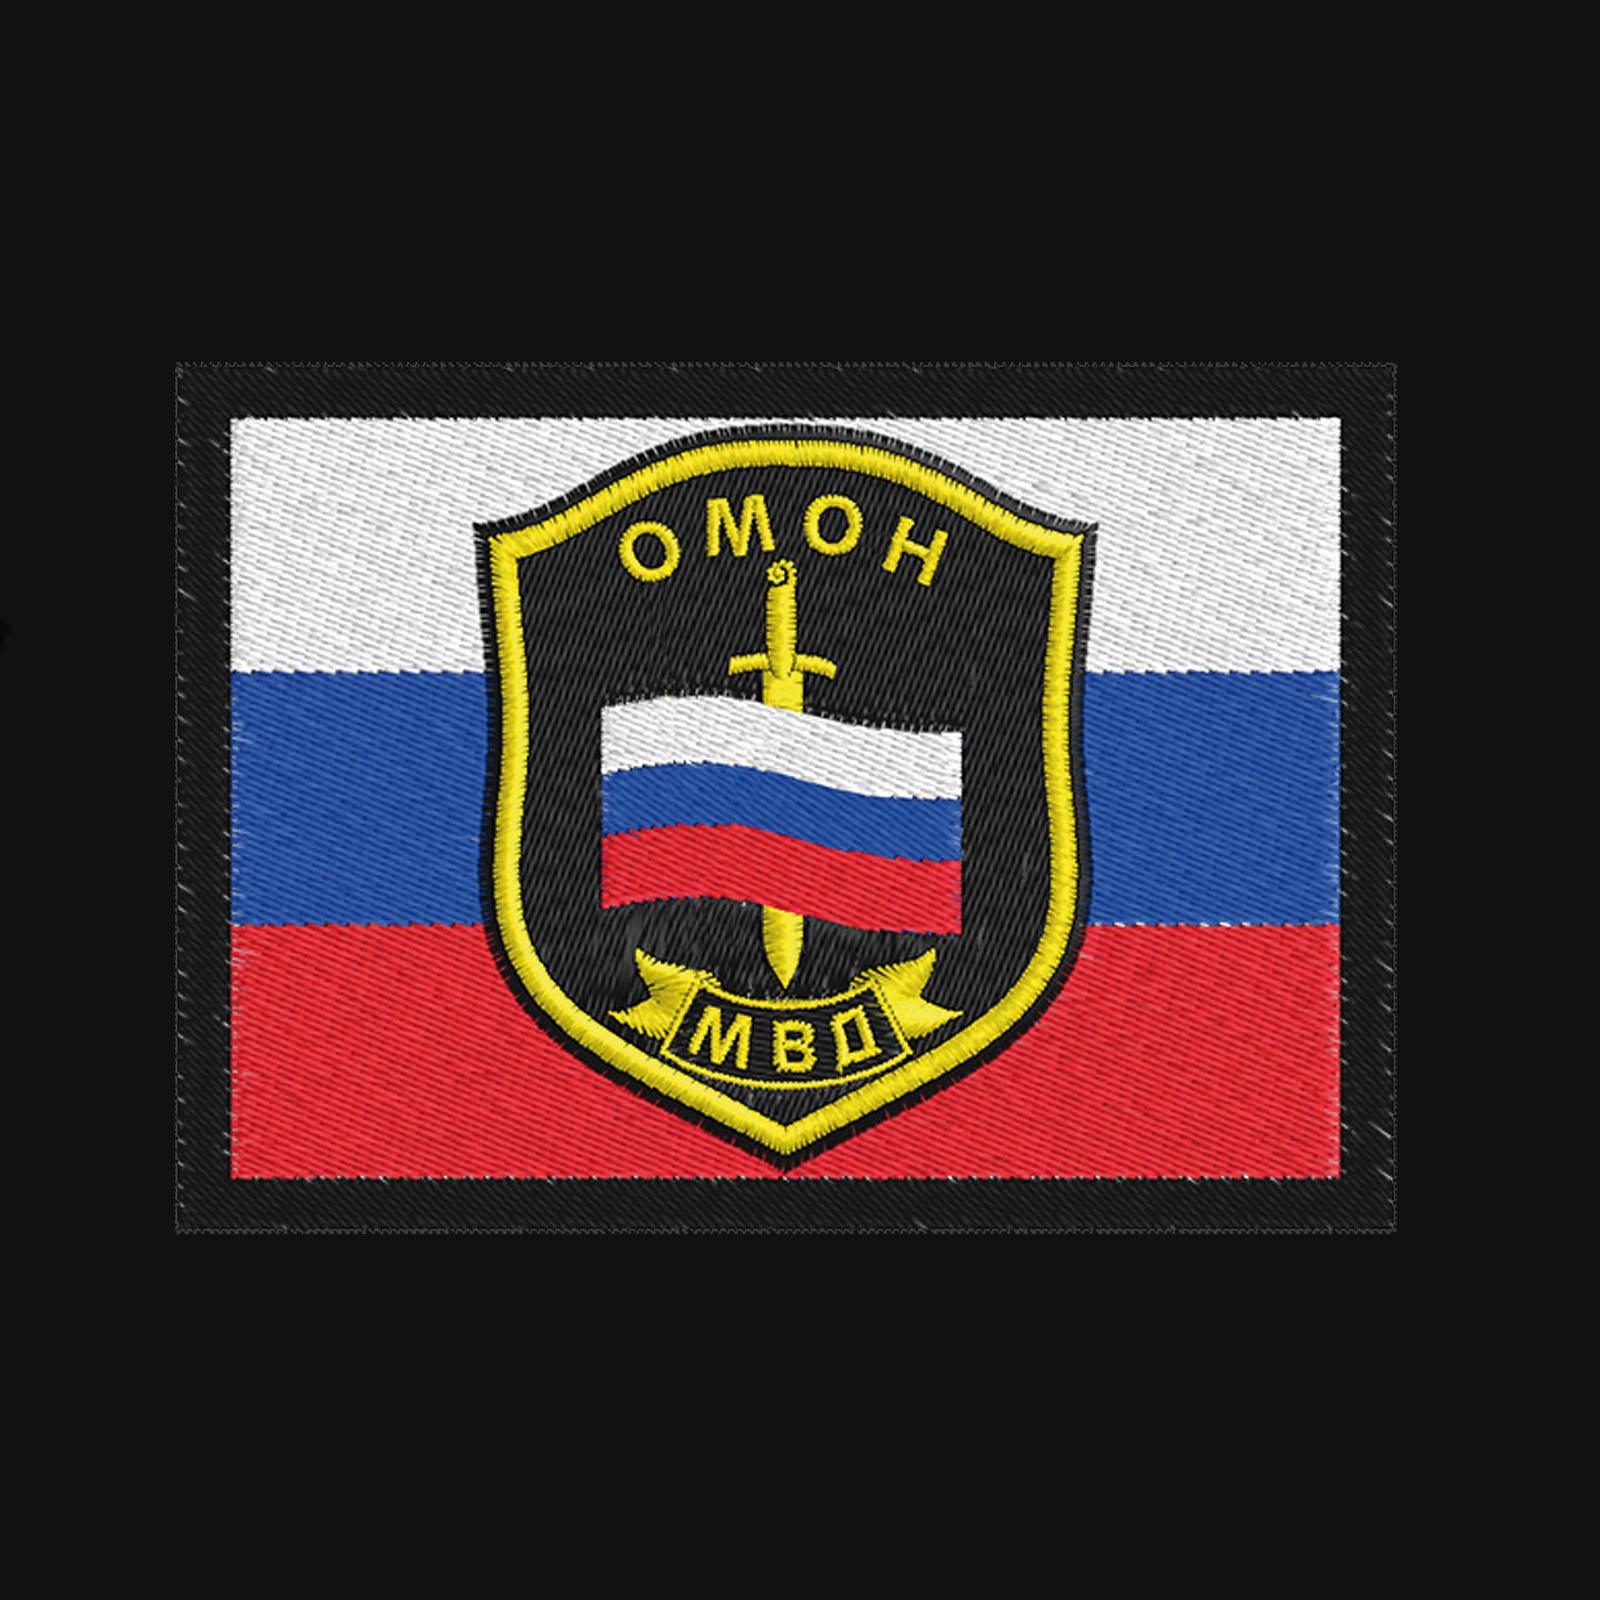 Мужская толстовка с нашивкой ОМОН МВД купить оптом